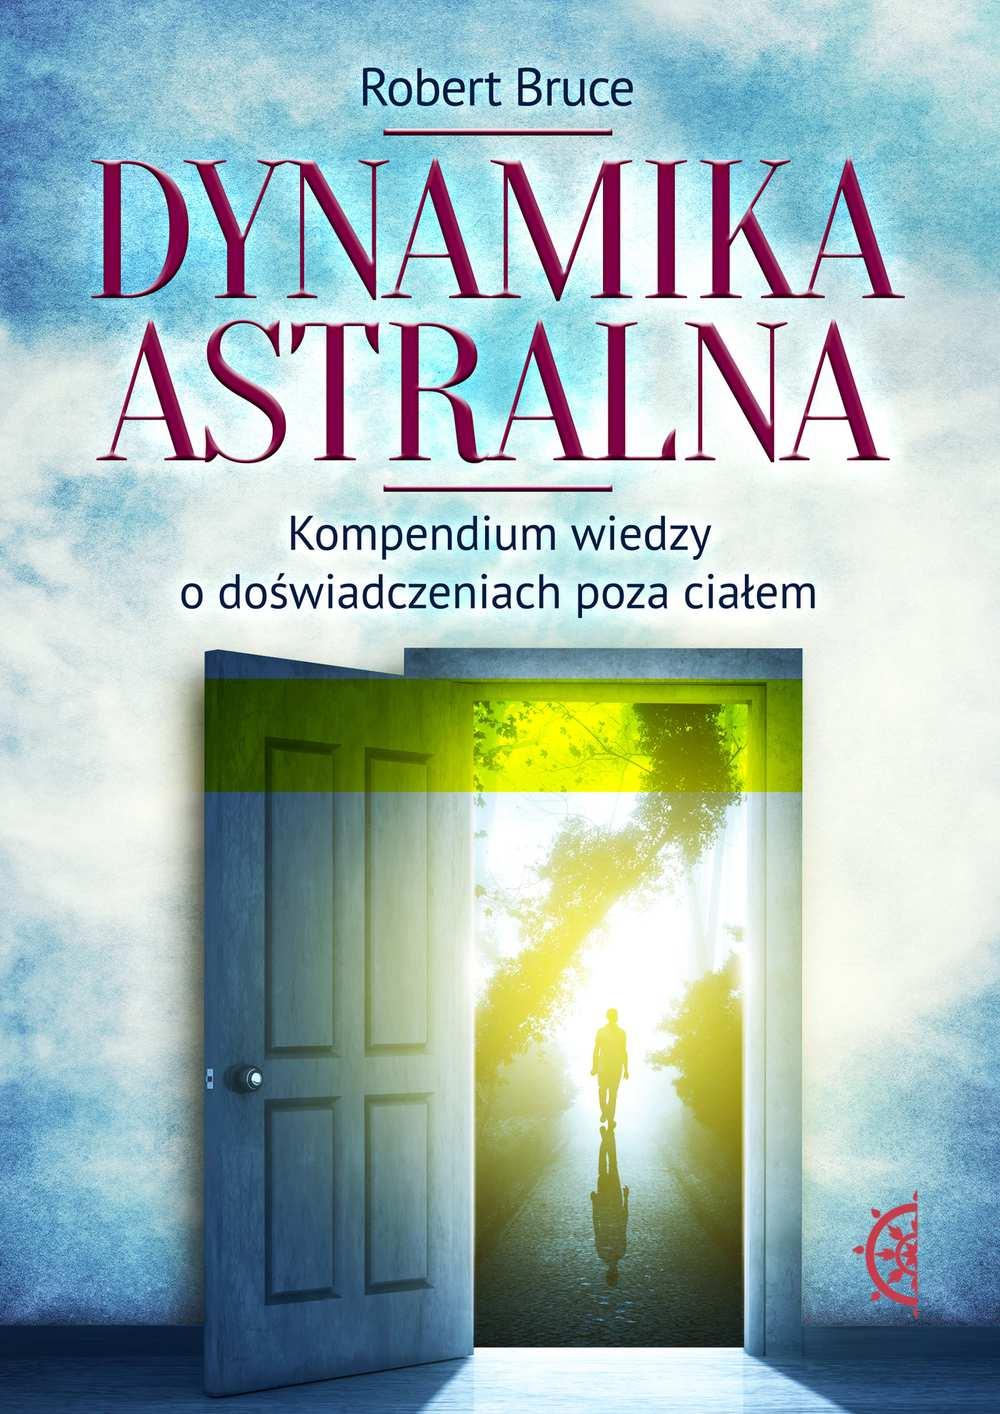 Dynamika astralna. Kompendium wiedzy o doświadczeniach poza ciałem - Ebook (Książka na Kindle) do pobrania w formacie MOBI